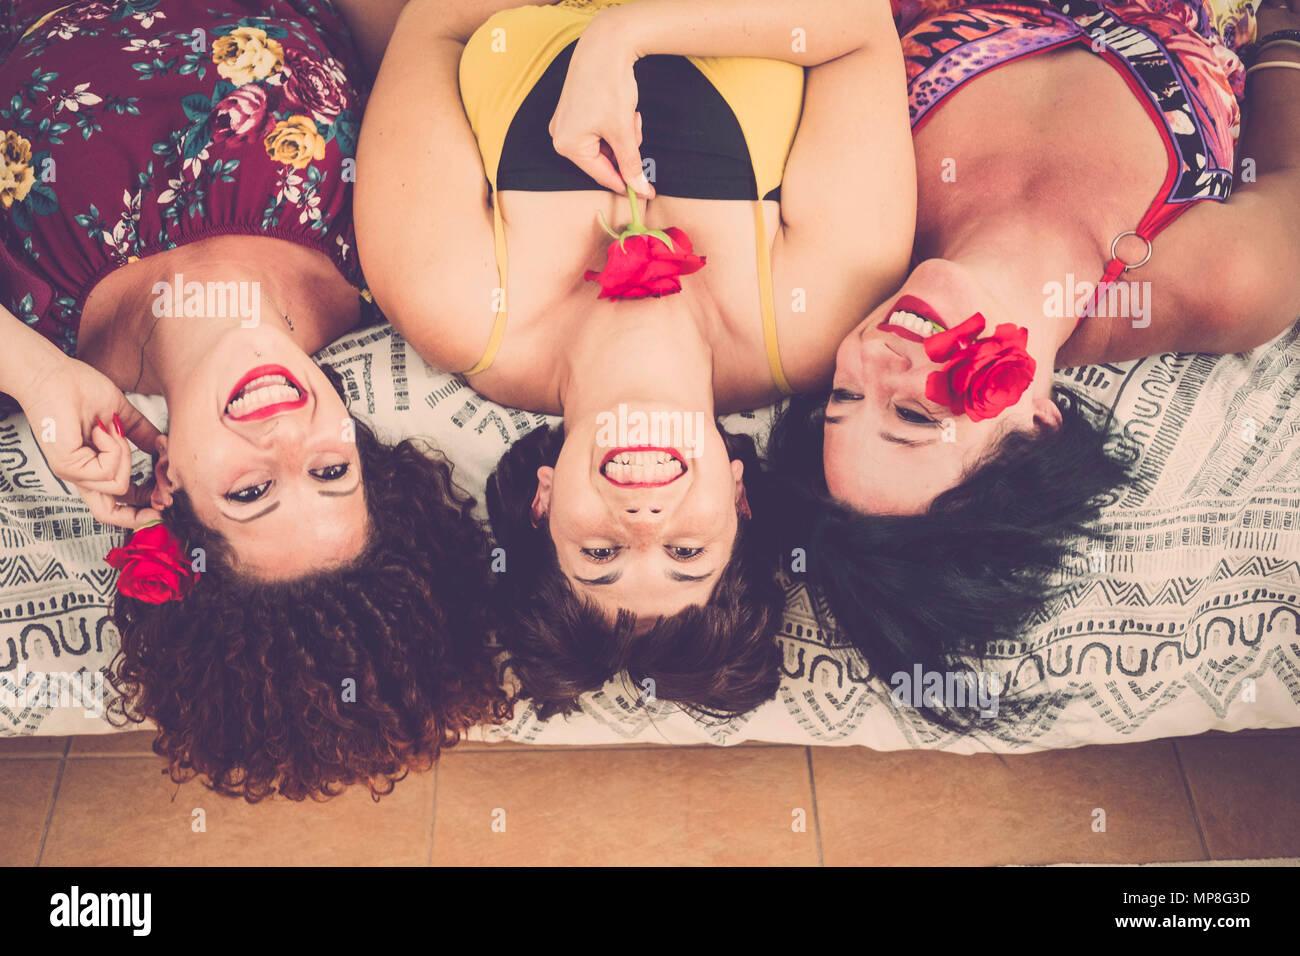 Schön und schöne drei kaukasischen Frauen zu Hause. legte sich auf das Bett mit einem großen Lächeln und Glück. Spielen mit Rosen und roten Farben lipst Stockbild